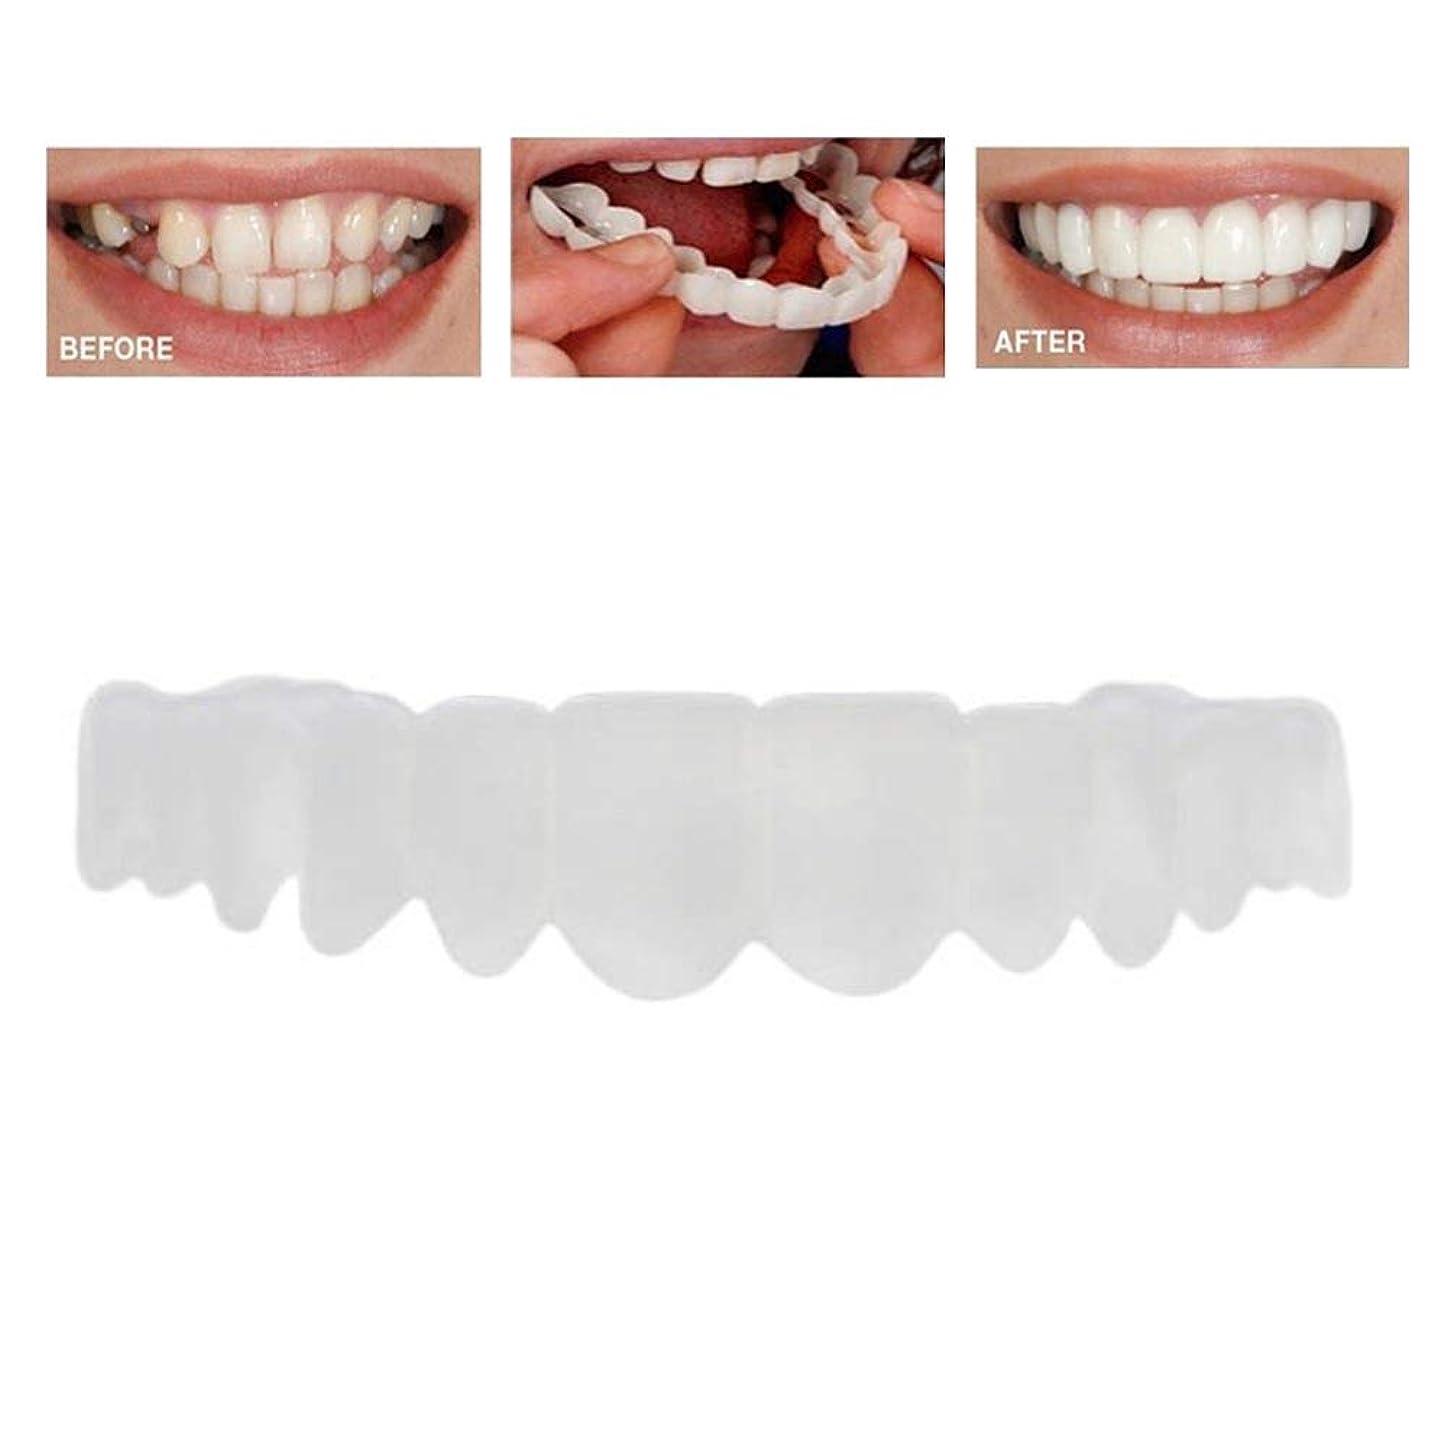 報復解く科学者15ピースの歯の化粧品の快適さフィット歯の義歯歯の上のベニヤの歯ワンサイズフィット最も快適な義歯